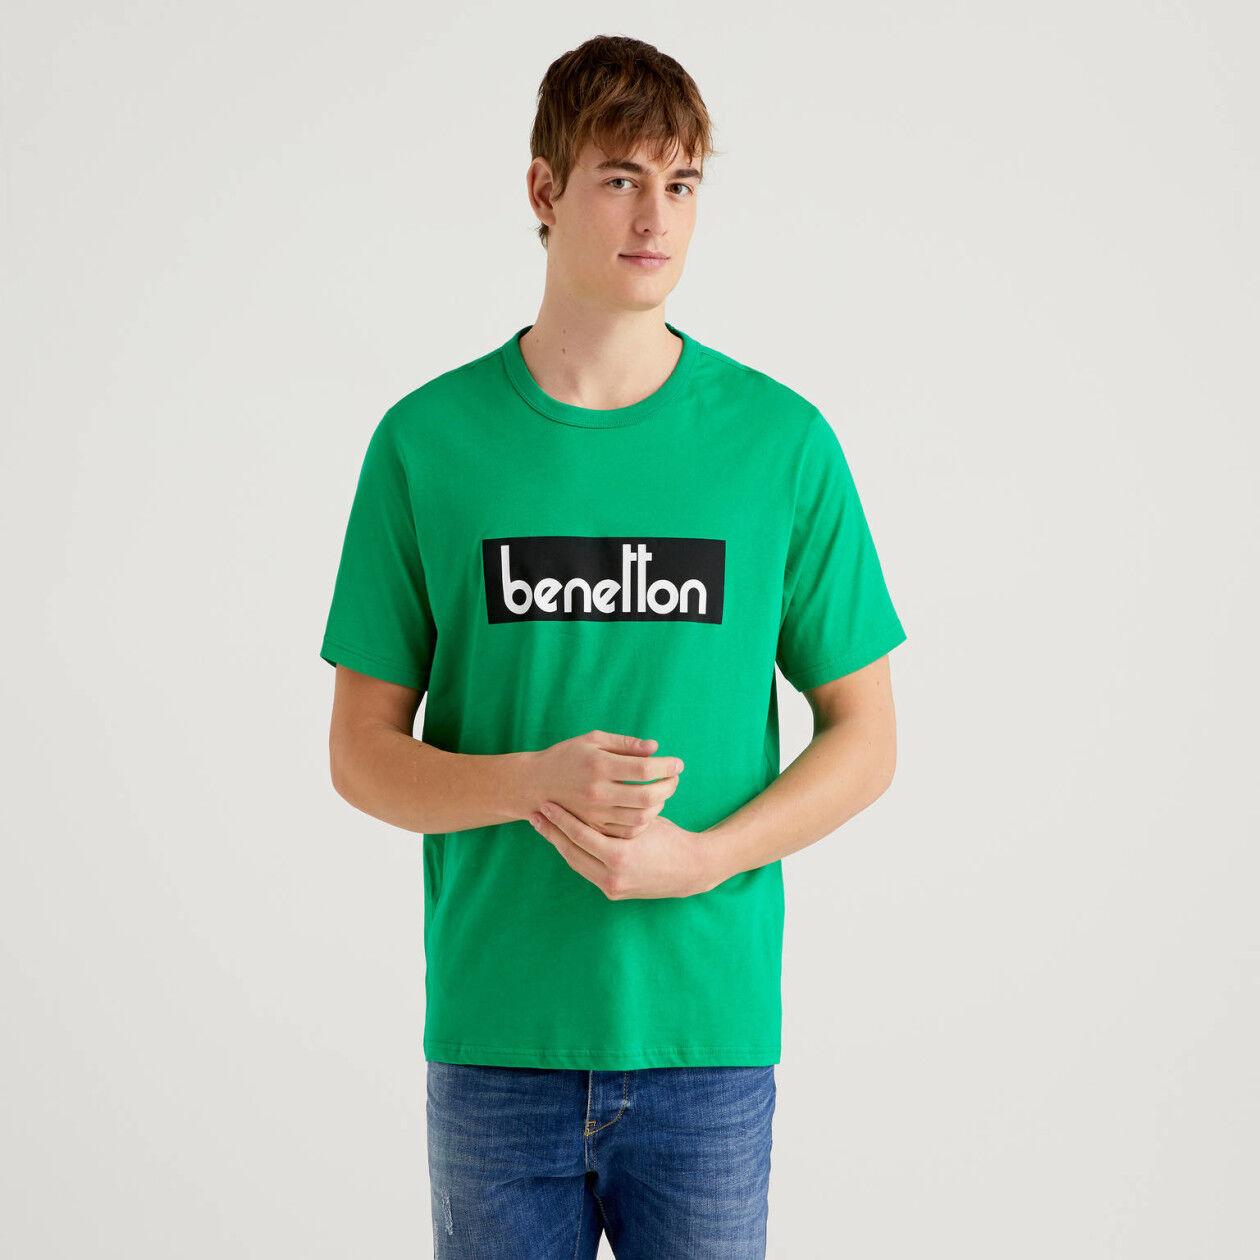 Camiseta verde con estampado de logotipo